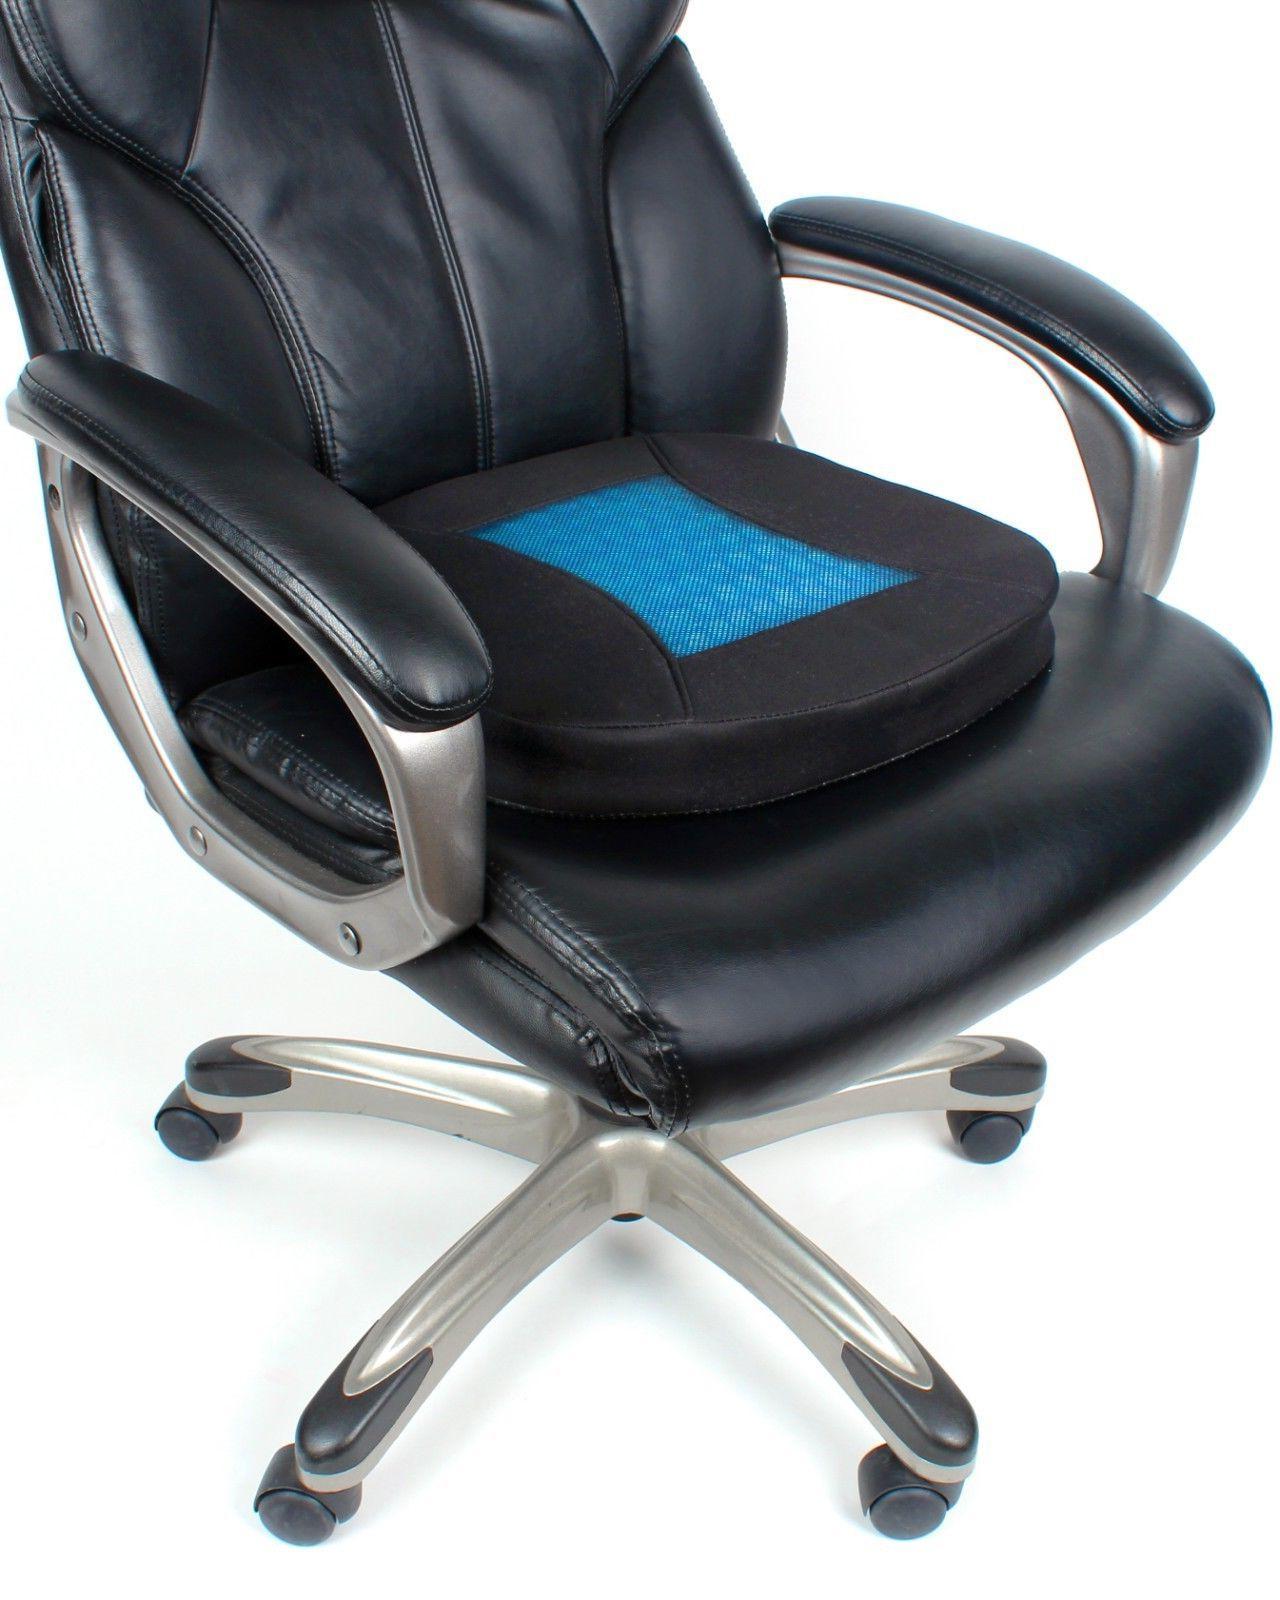 Memory Foam Cushion Chair, Car Seat Wheelchair